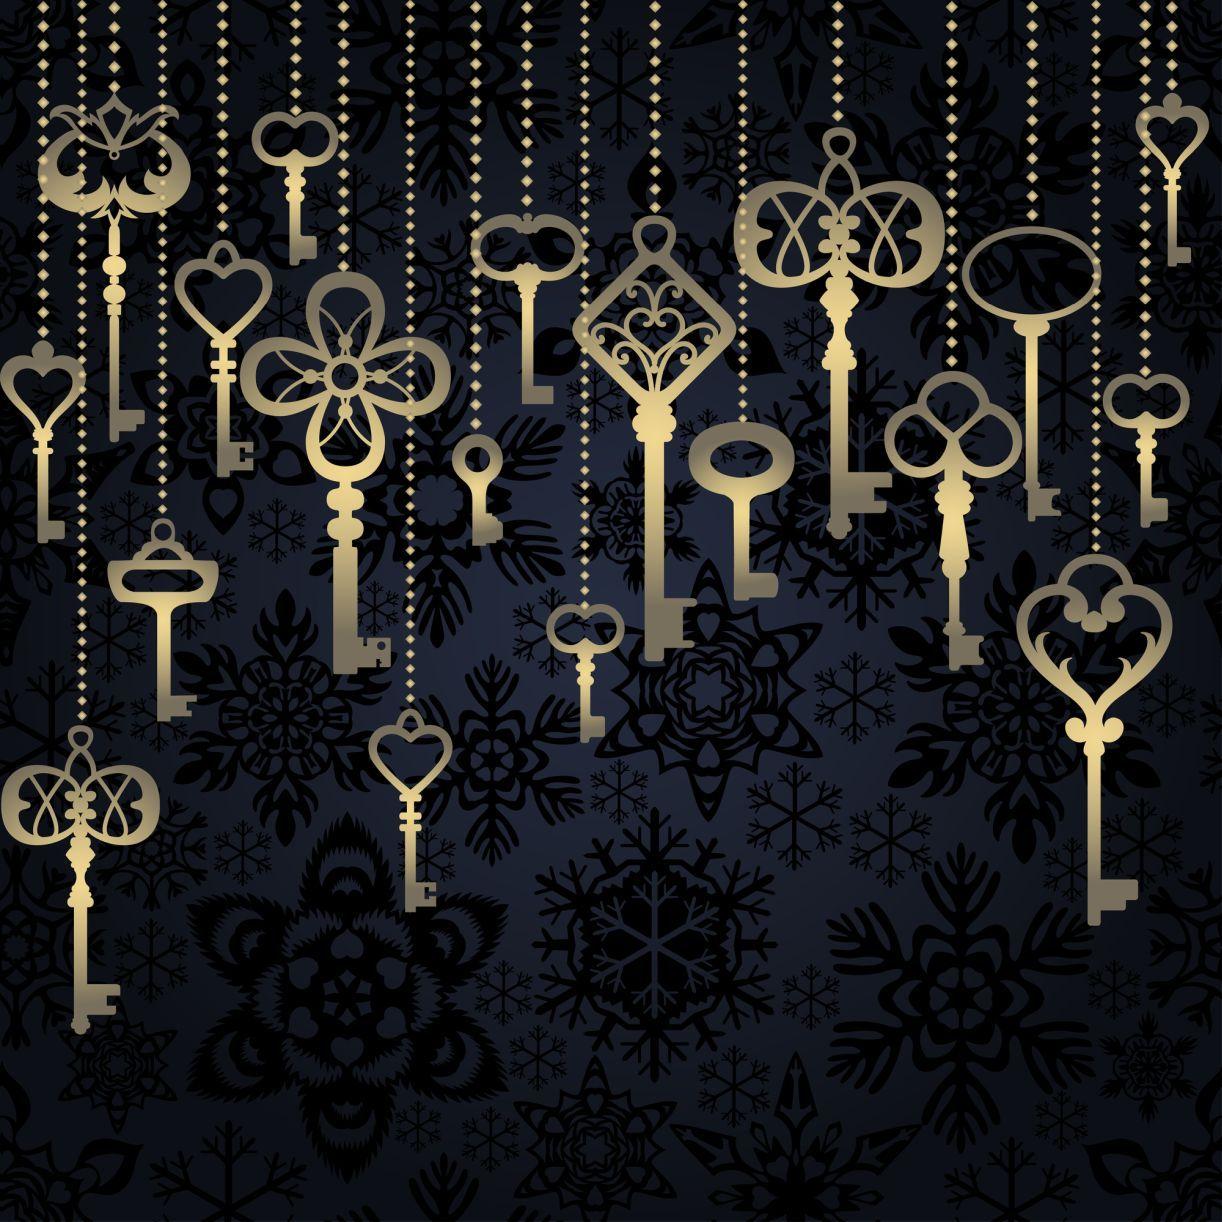 Hanging keys background Locksmith, Lost keys, 24 hour